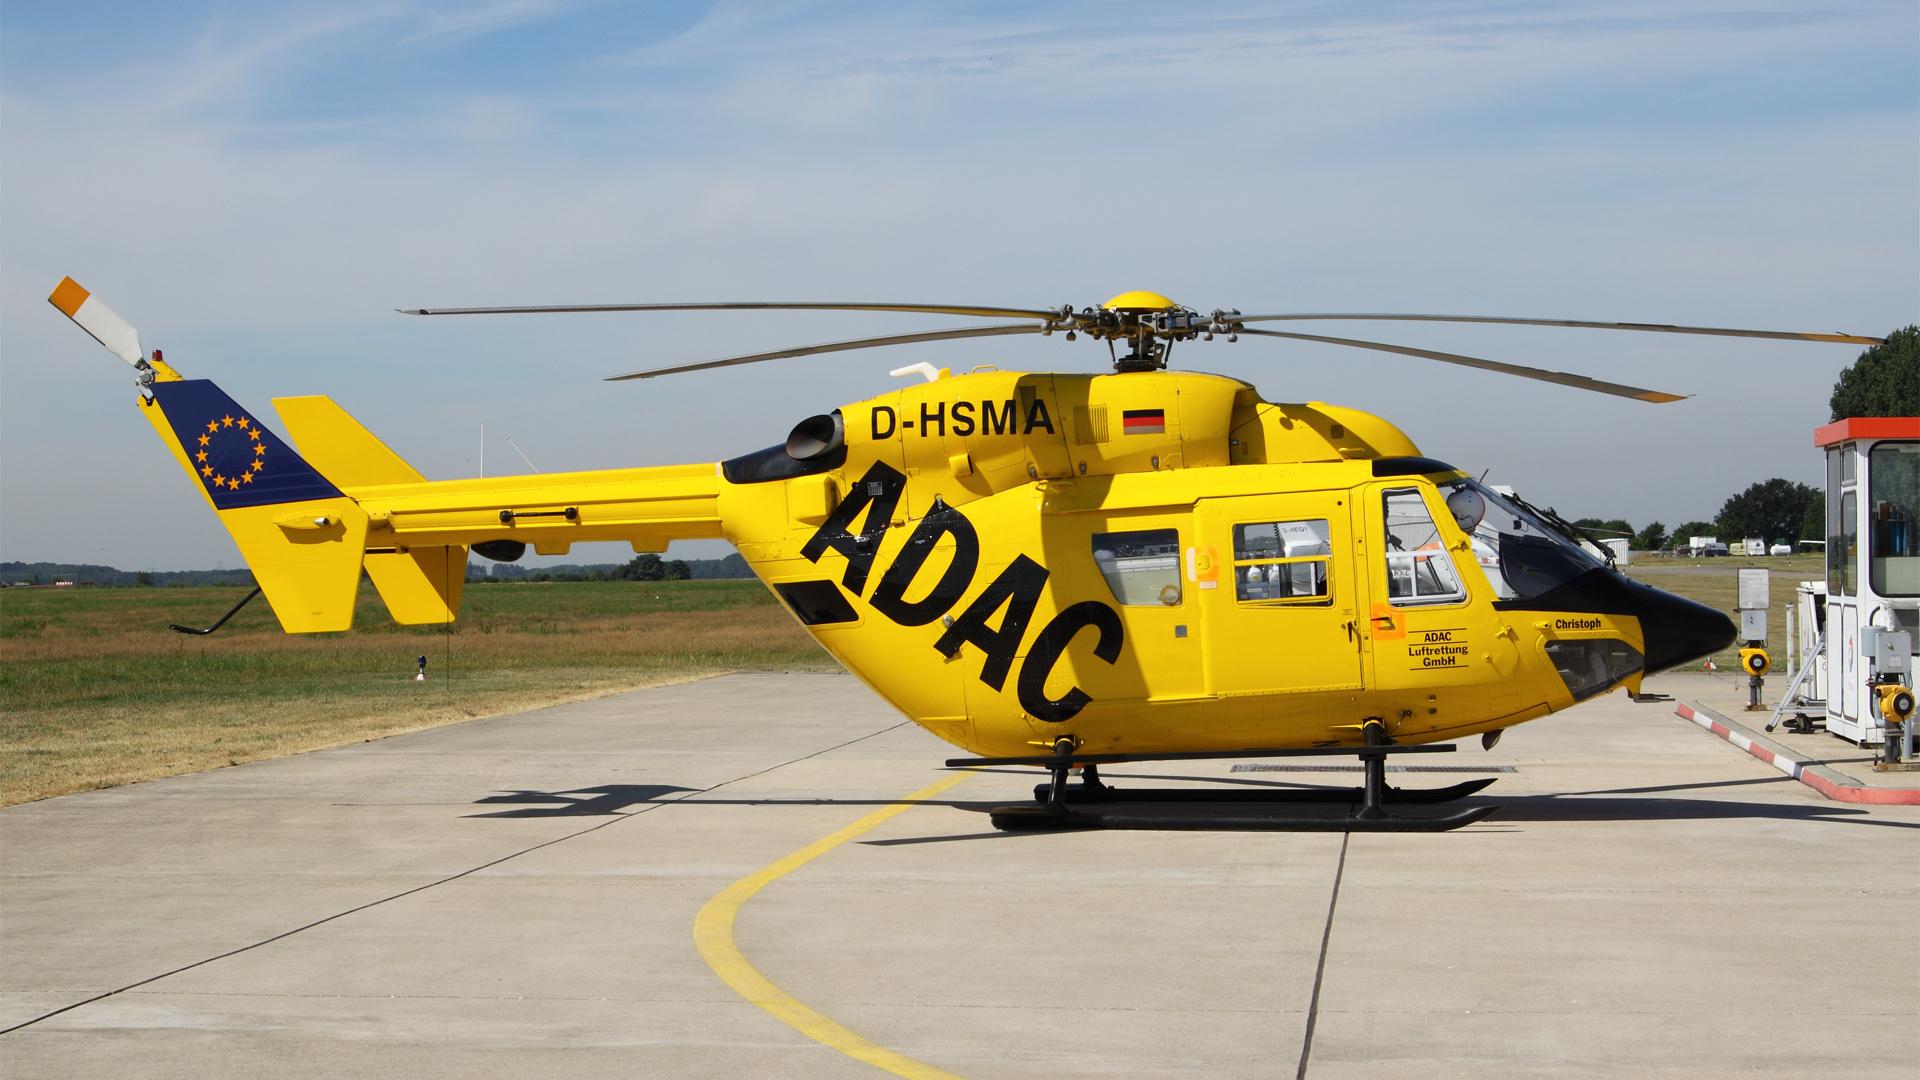 D-HSMA-1 BK117 ESS 201007